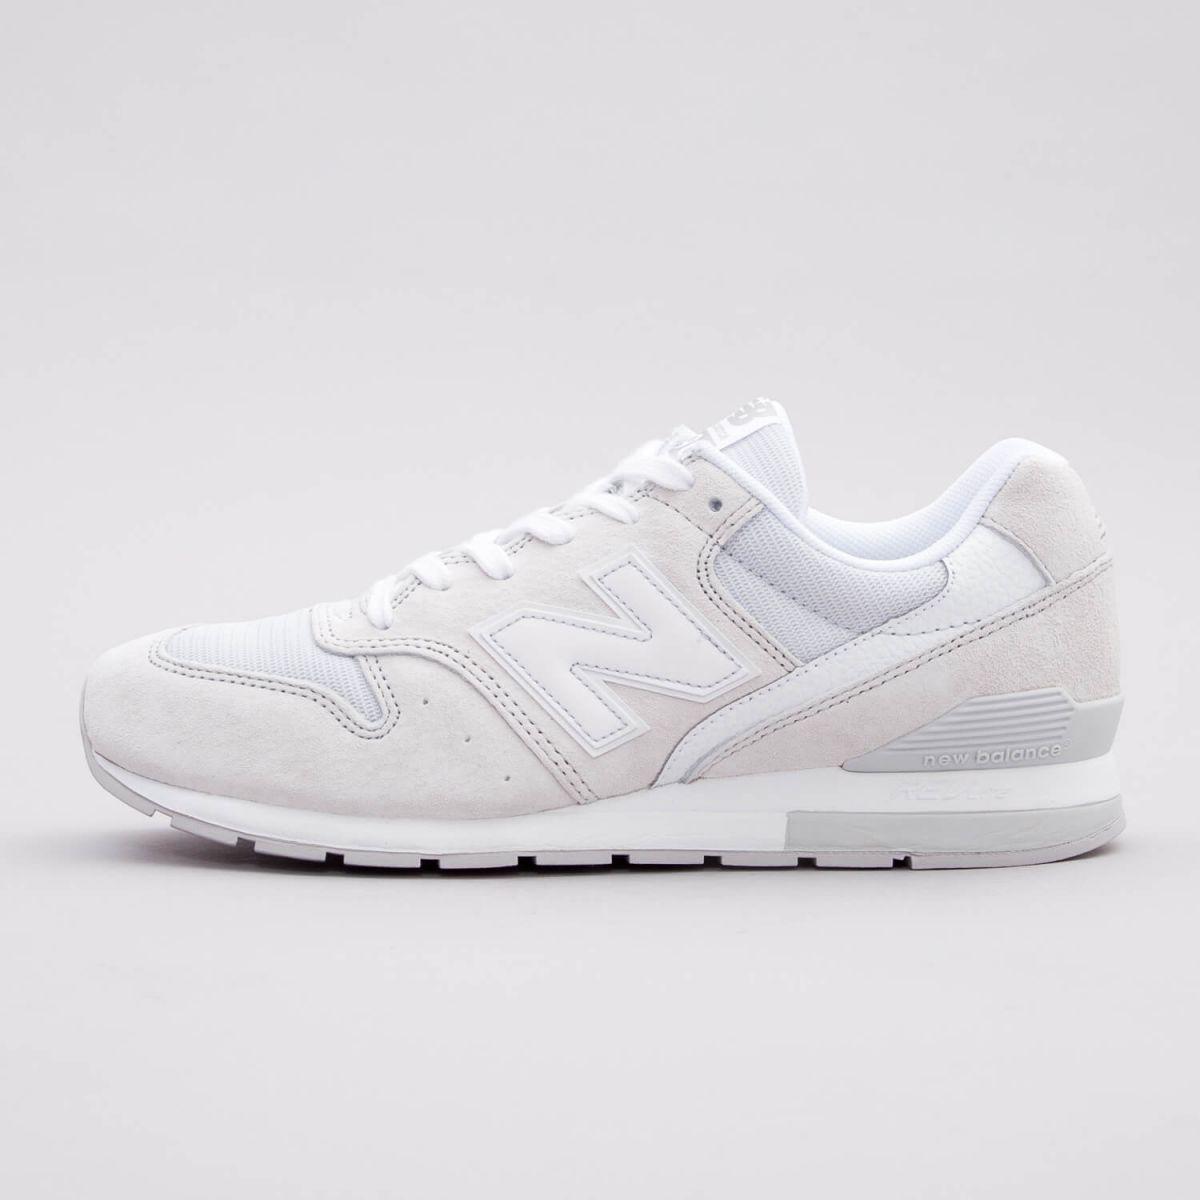 7399175b Оригинальные мужские кроссовки New Balance 996: продажа, цена в ...